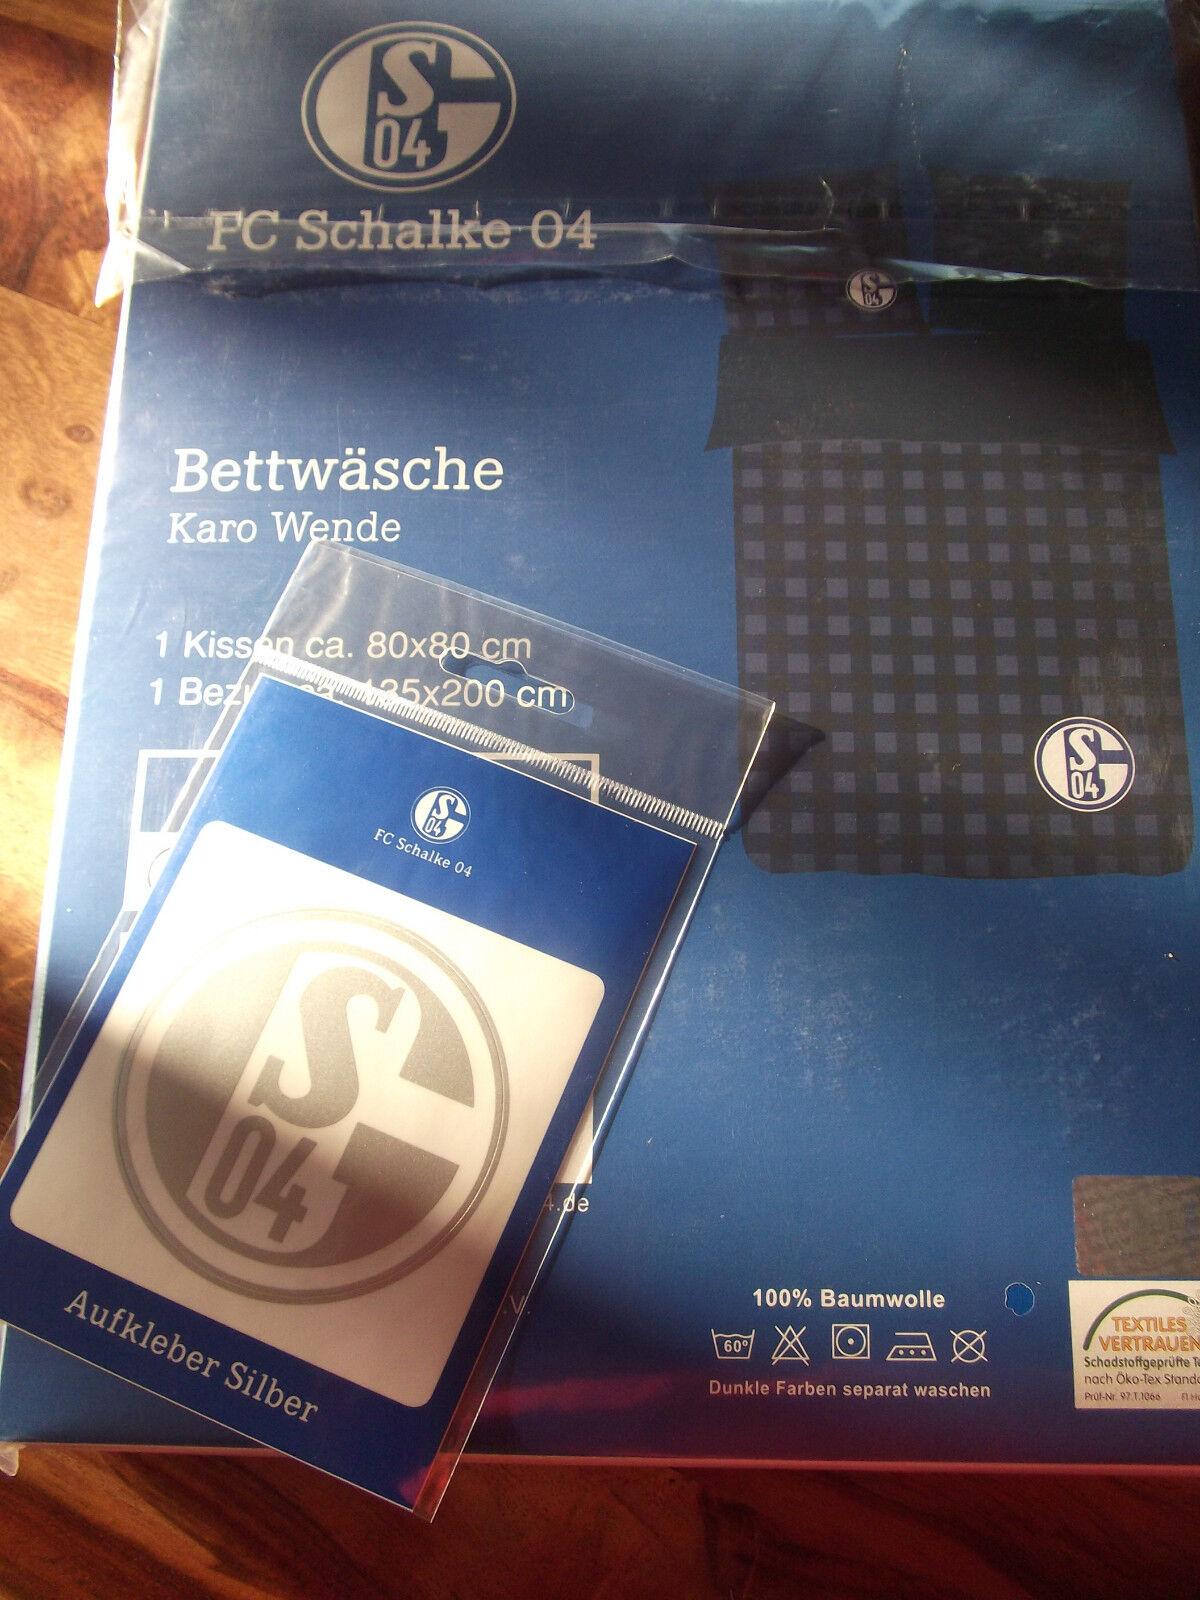 FC Schalke Aufkleber 04 Bettwäsche